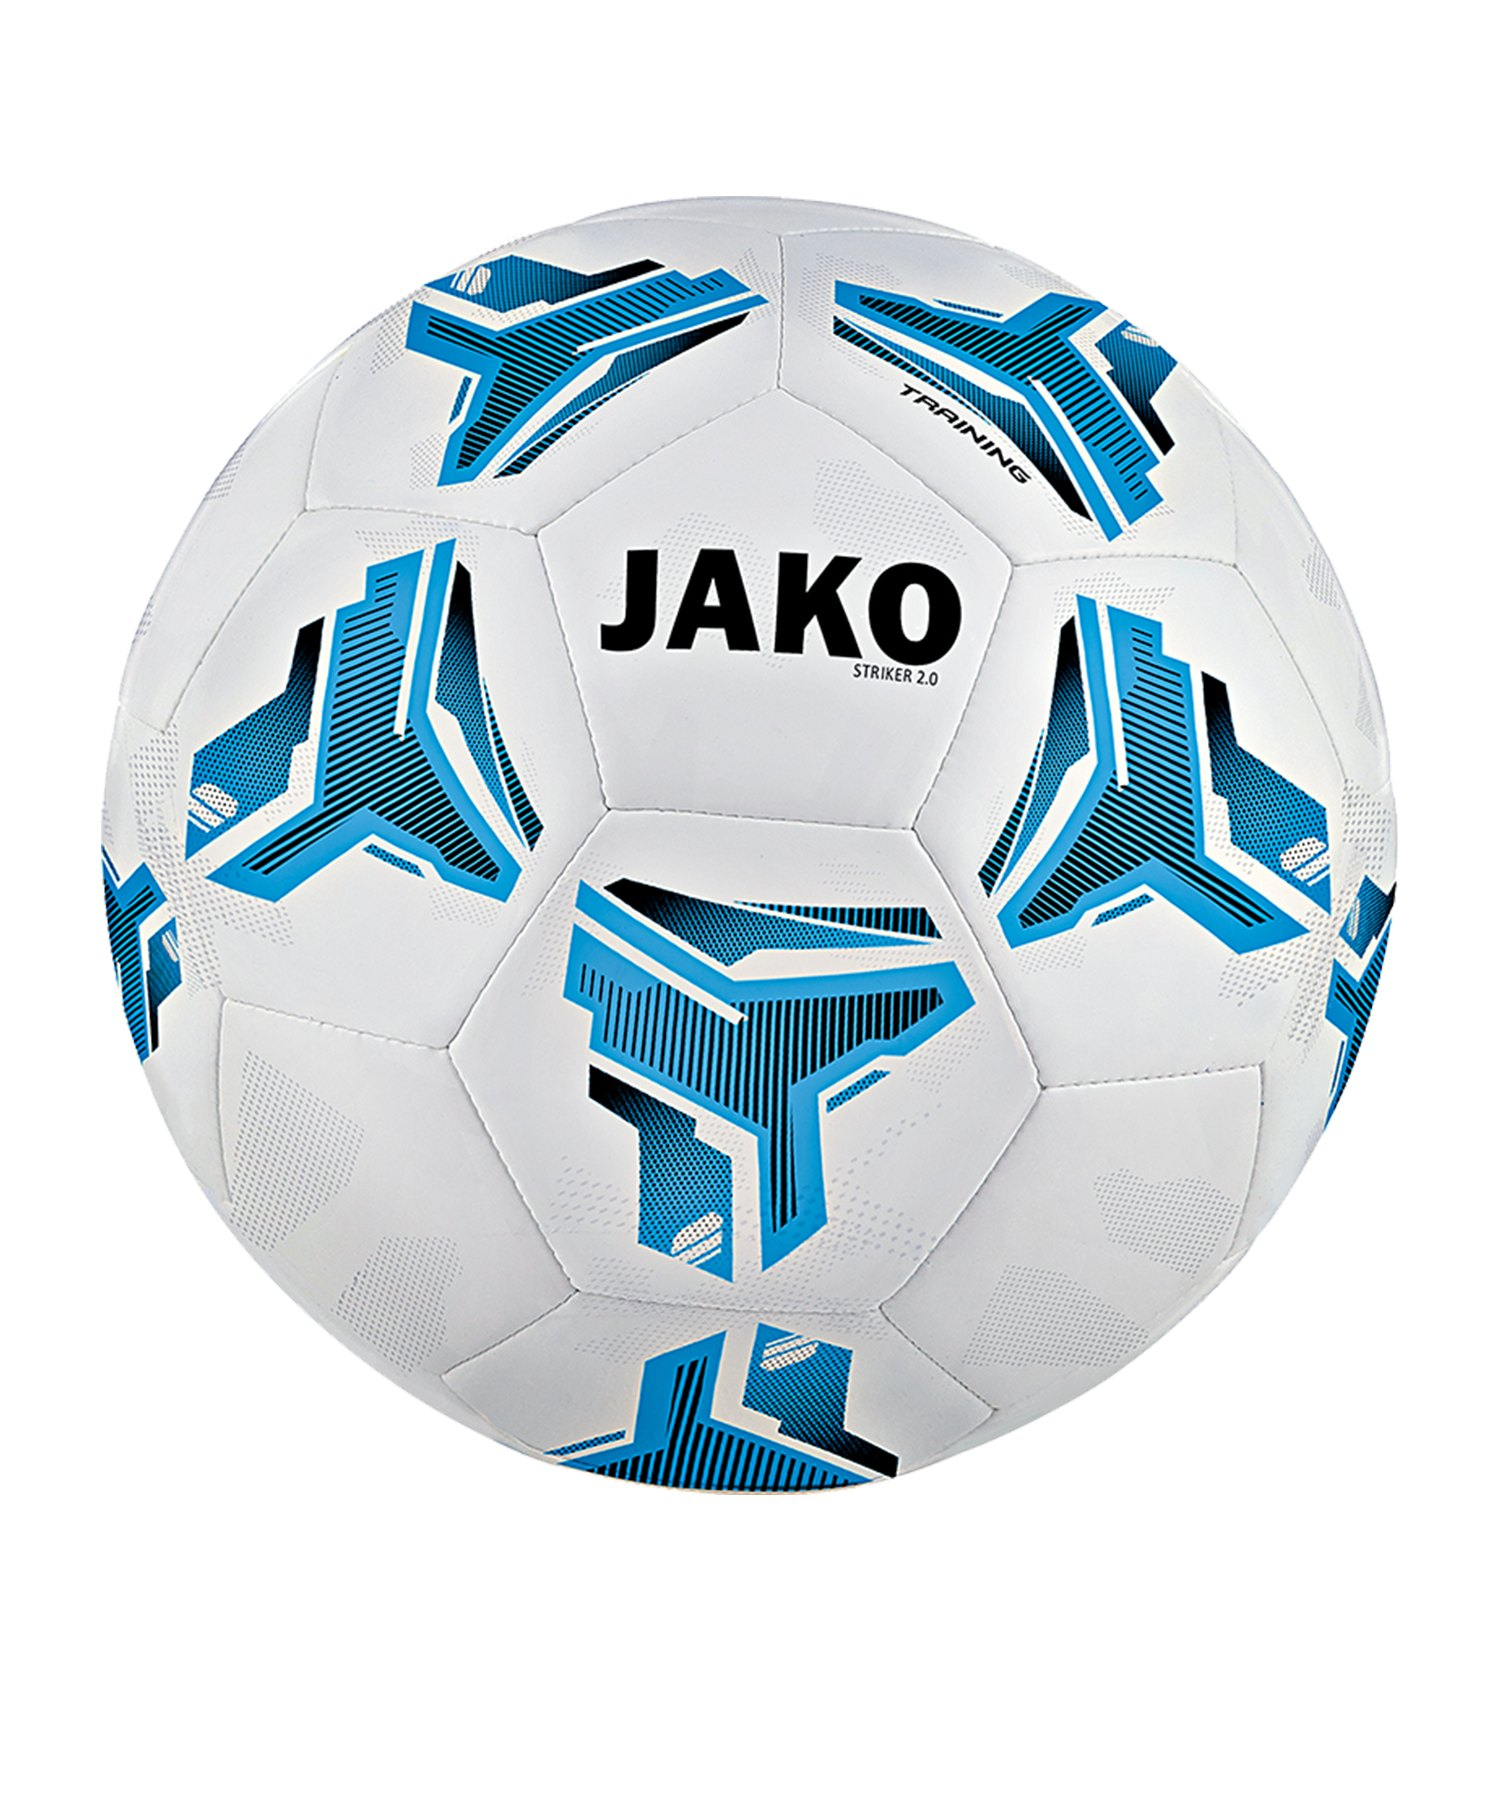 Jako Striker 2.0 Trainingsball MS Weiss Blau F18 - Weiss